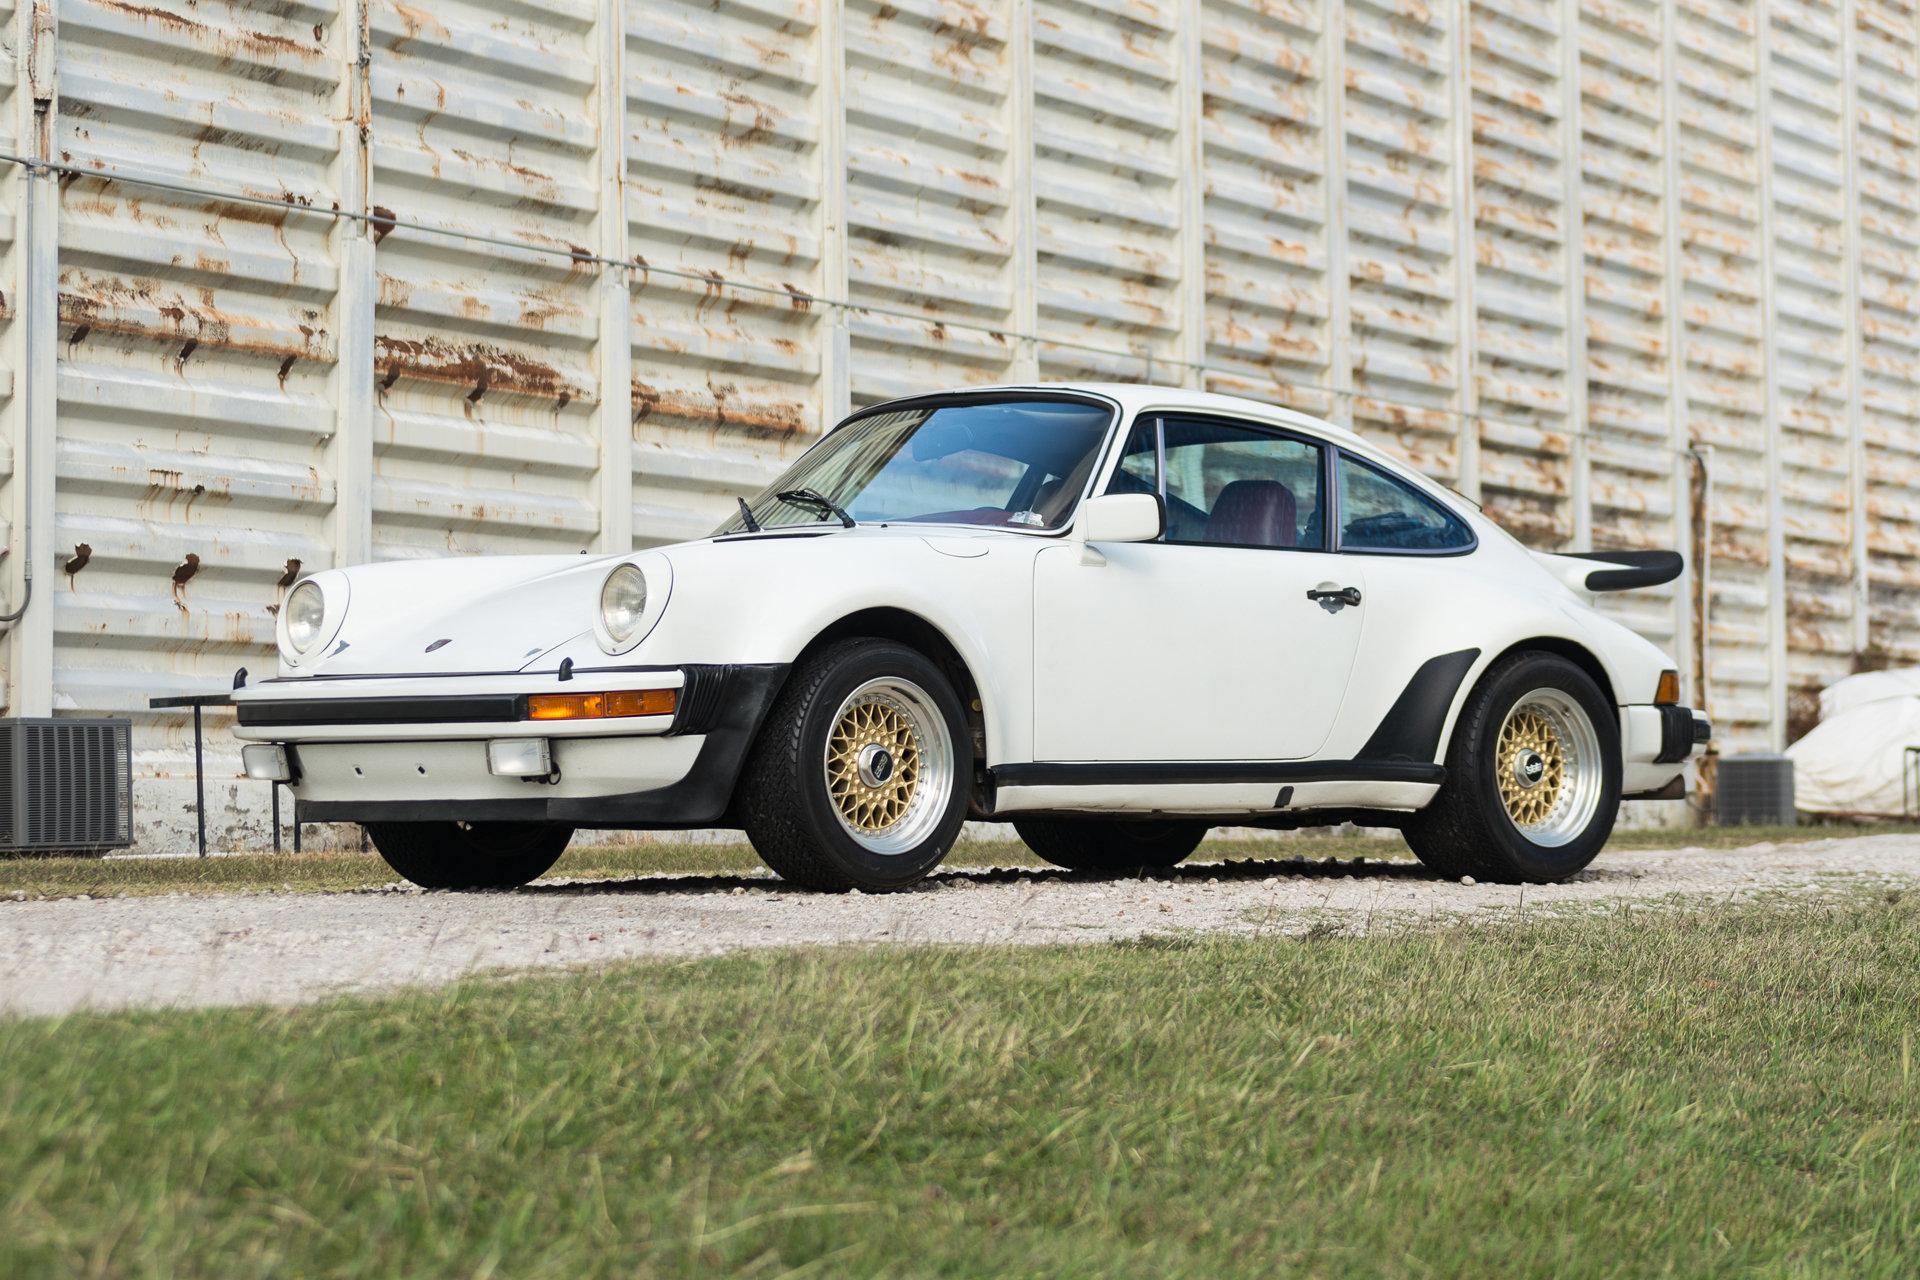 99629f1f4322 hd 1976 porsche 911 turbo